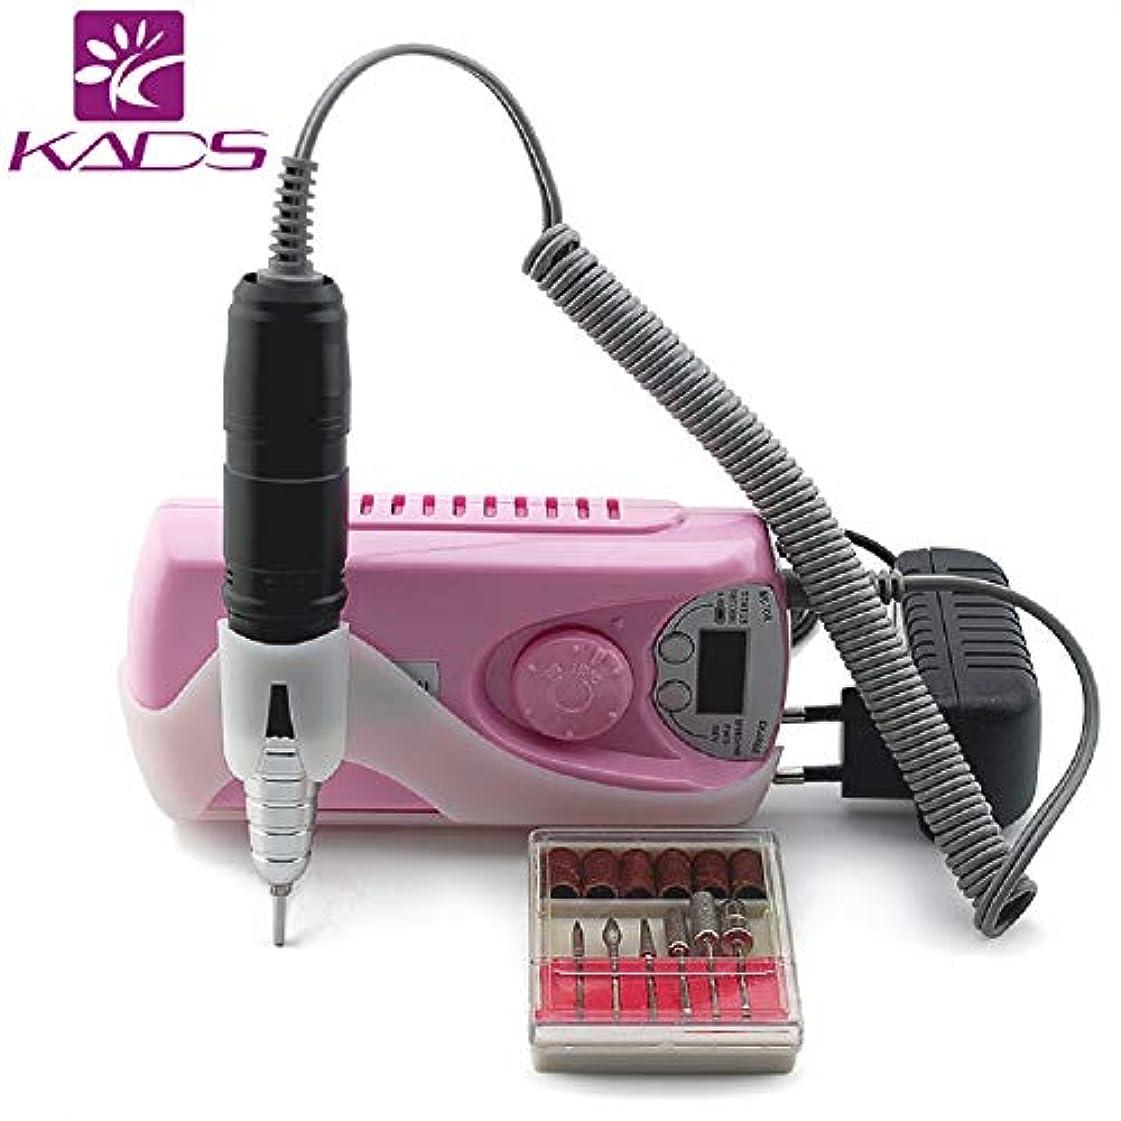 ましいからに変化する単位KADSサロン電動マシン 電気ネイルマシン ネイルアート機器 ドリルマシン 角質除去 甘皮処理